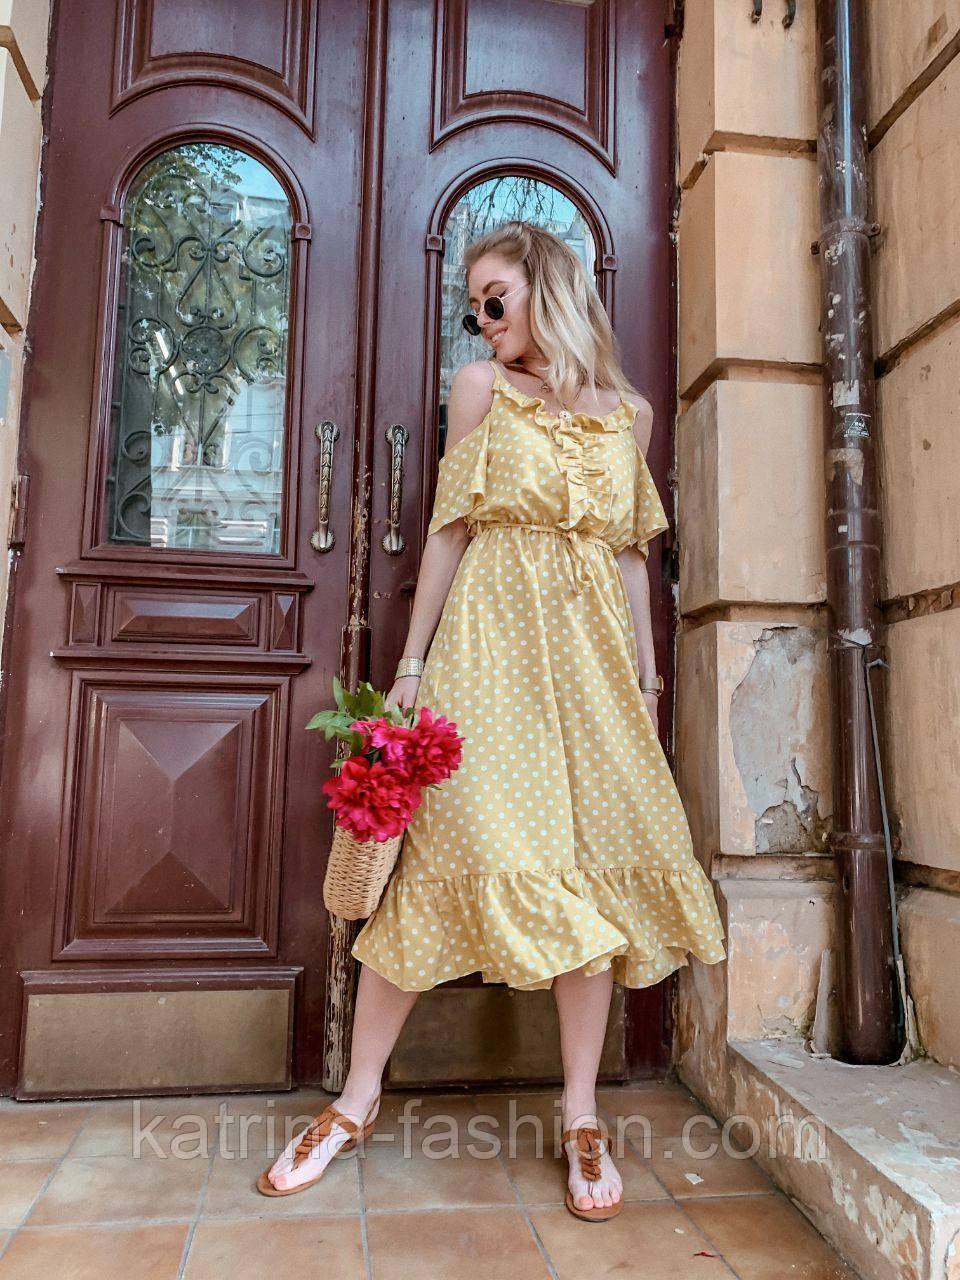 Женский летний сарафан/платье с открытыми плечами и оборками миди